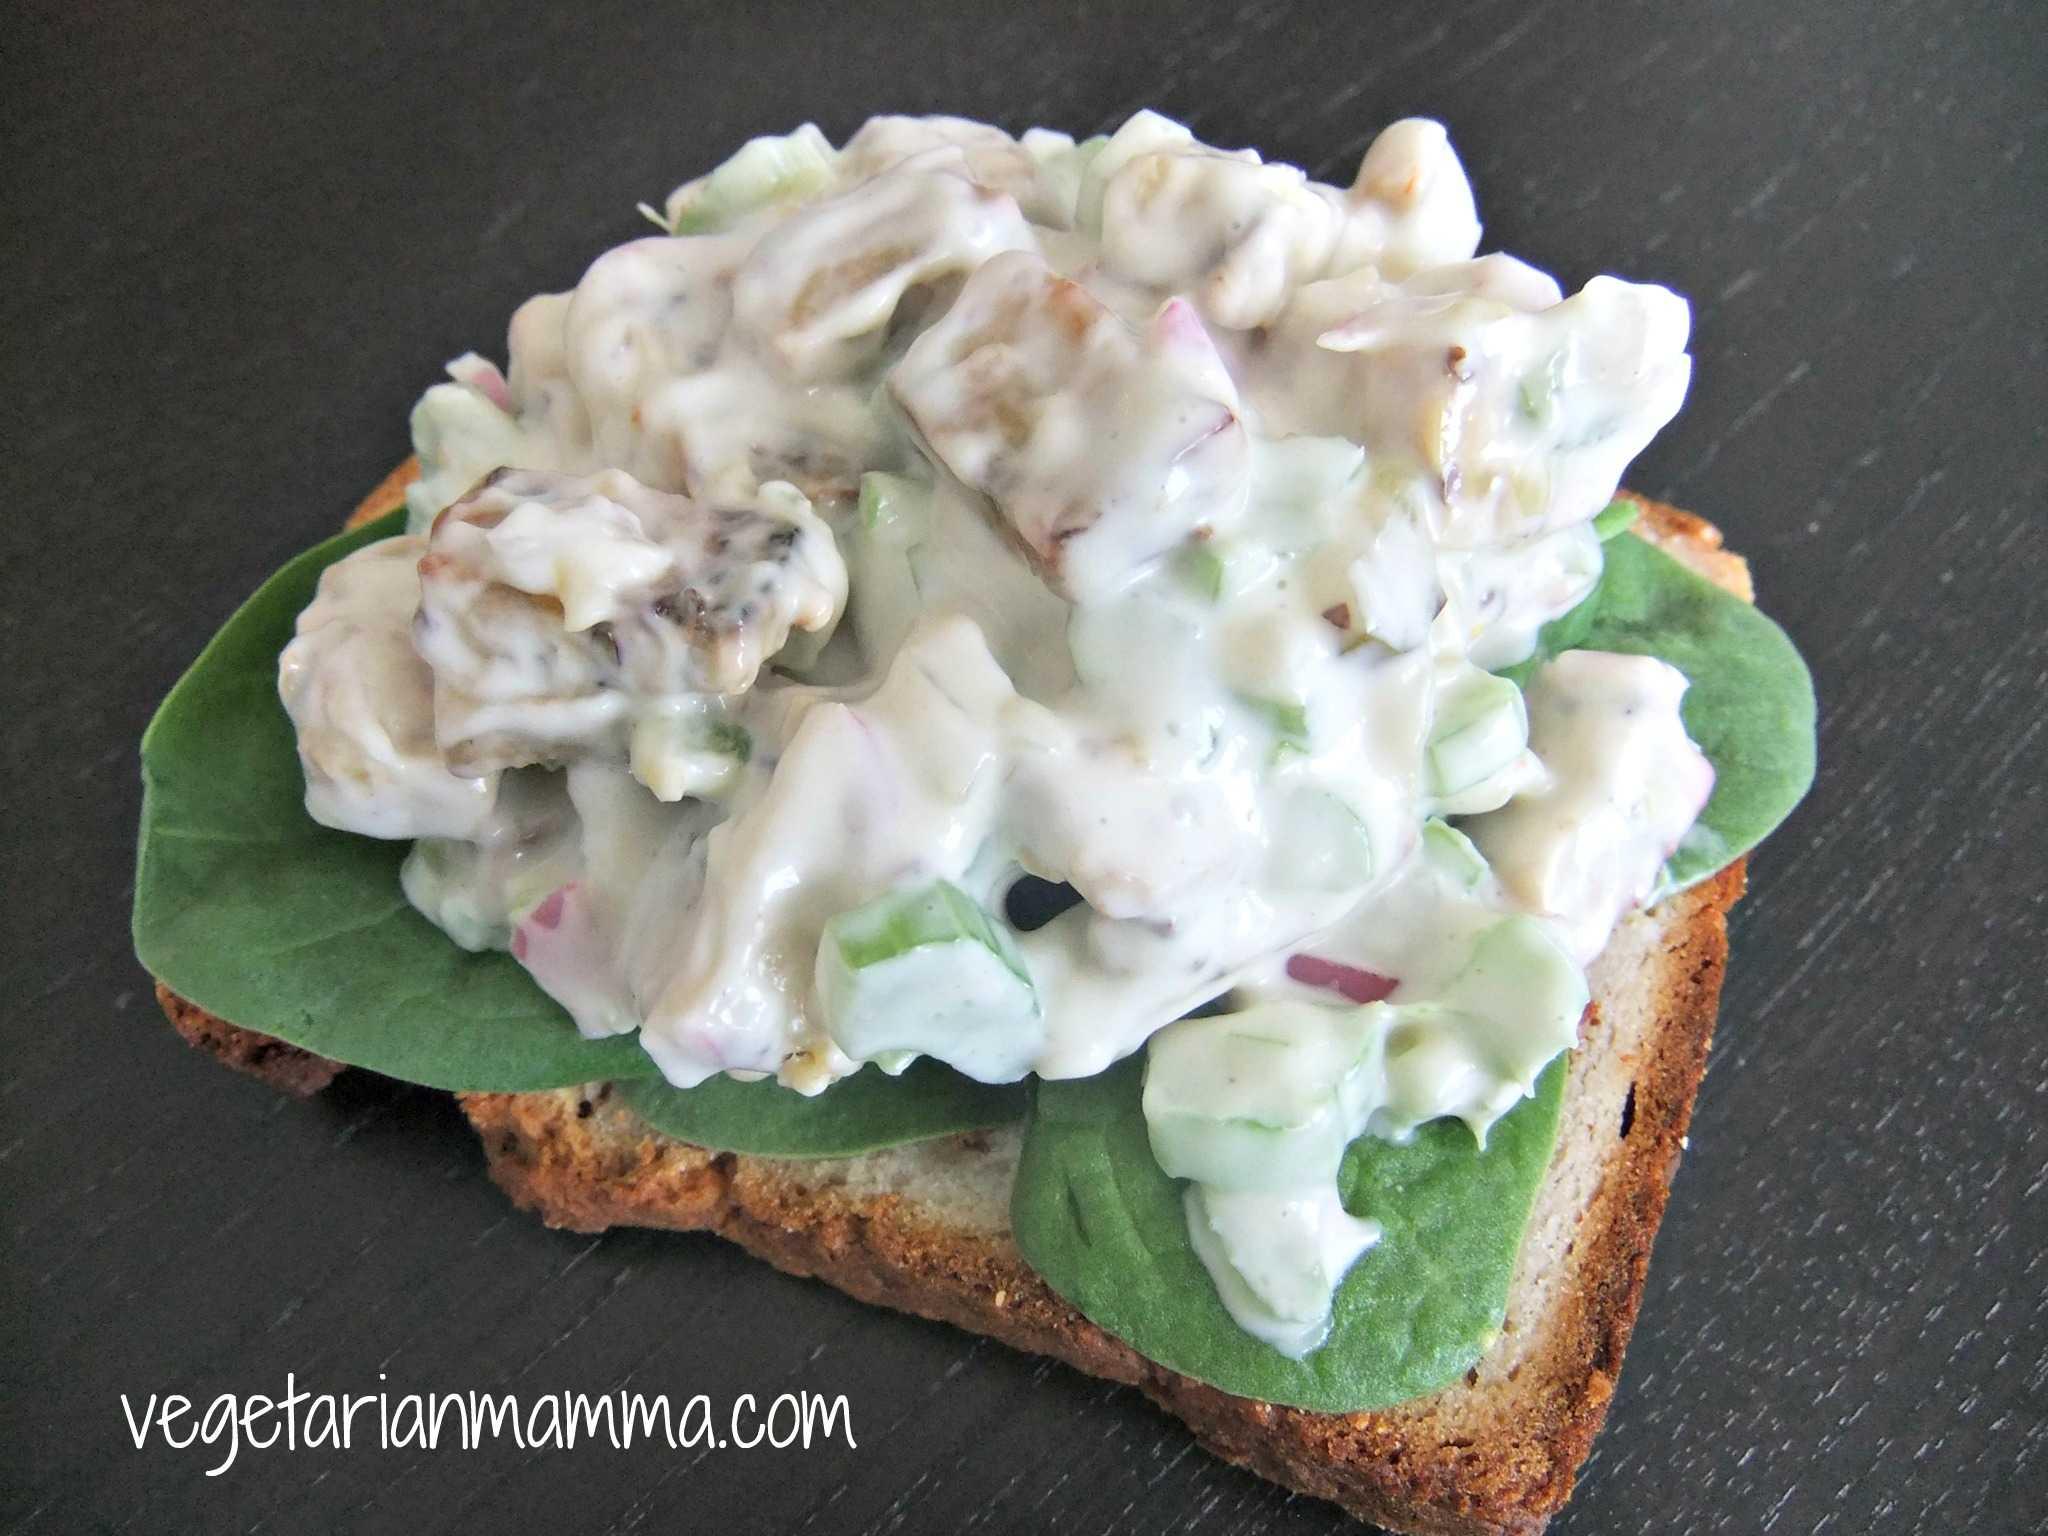 Vegan Tuna Salad – A Vegetarian Twist on a Classic Spread